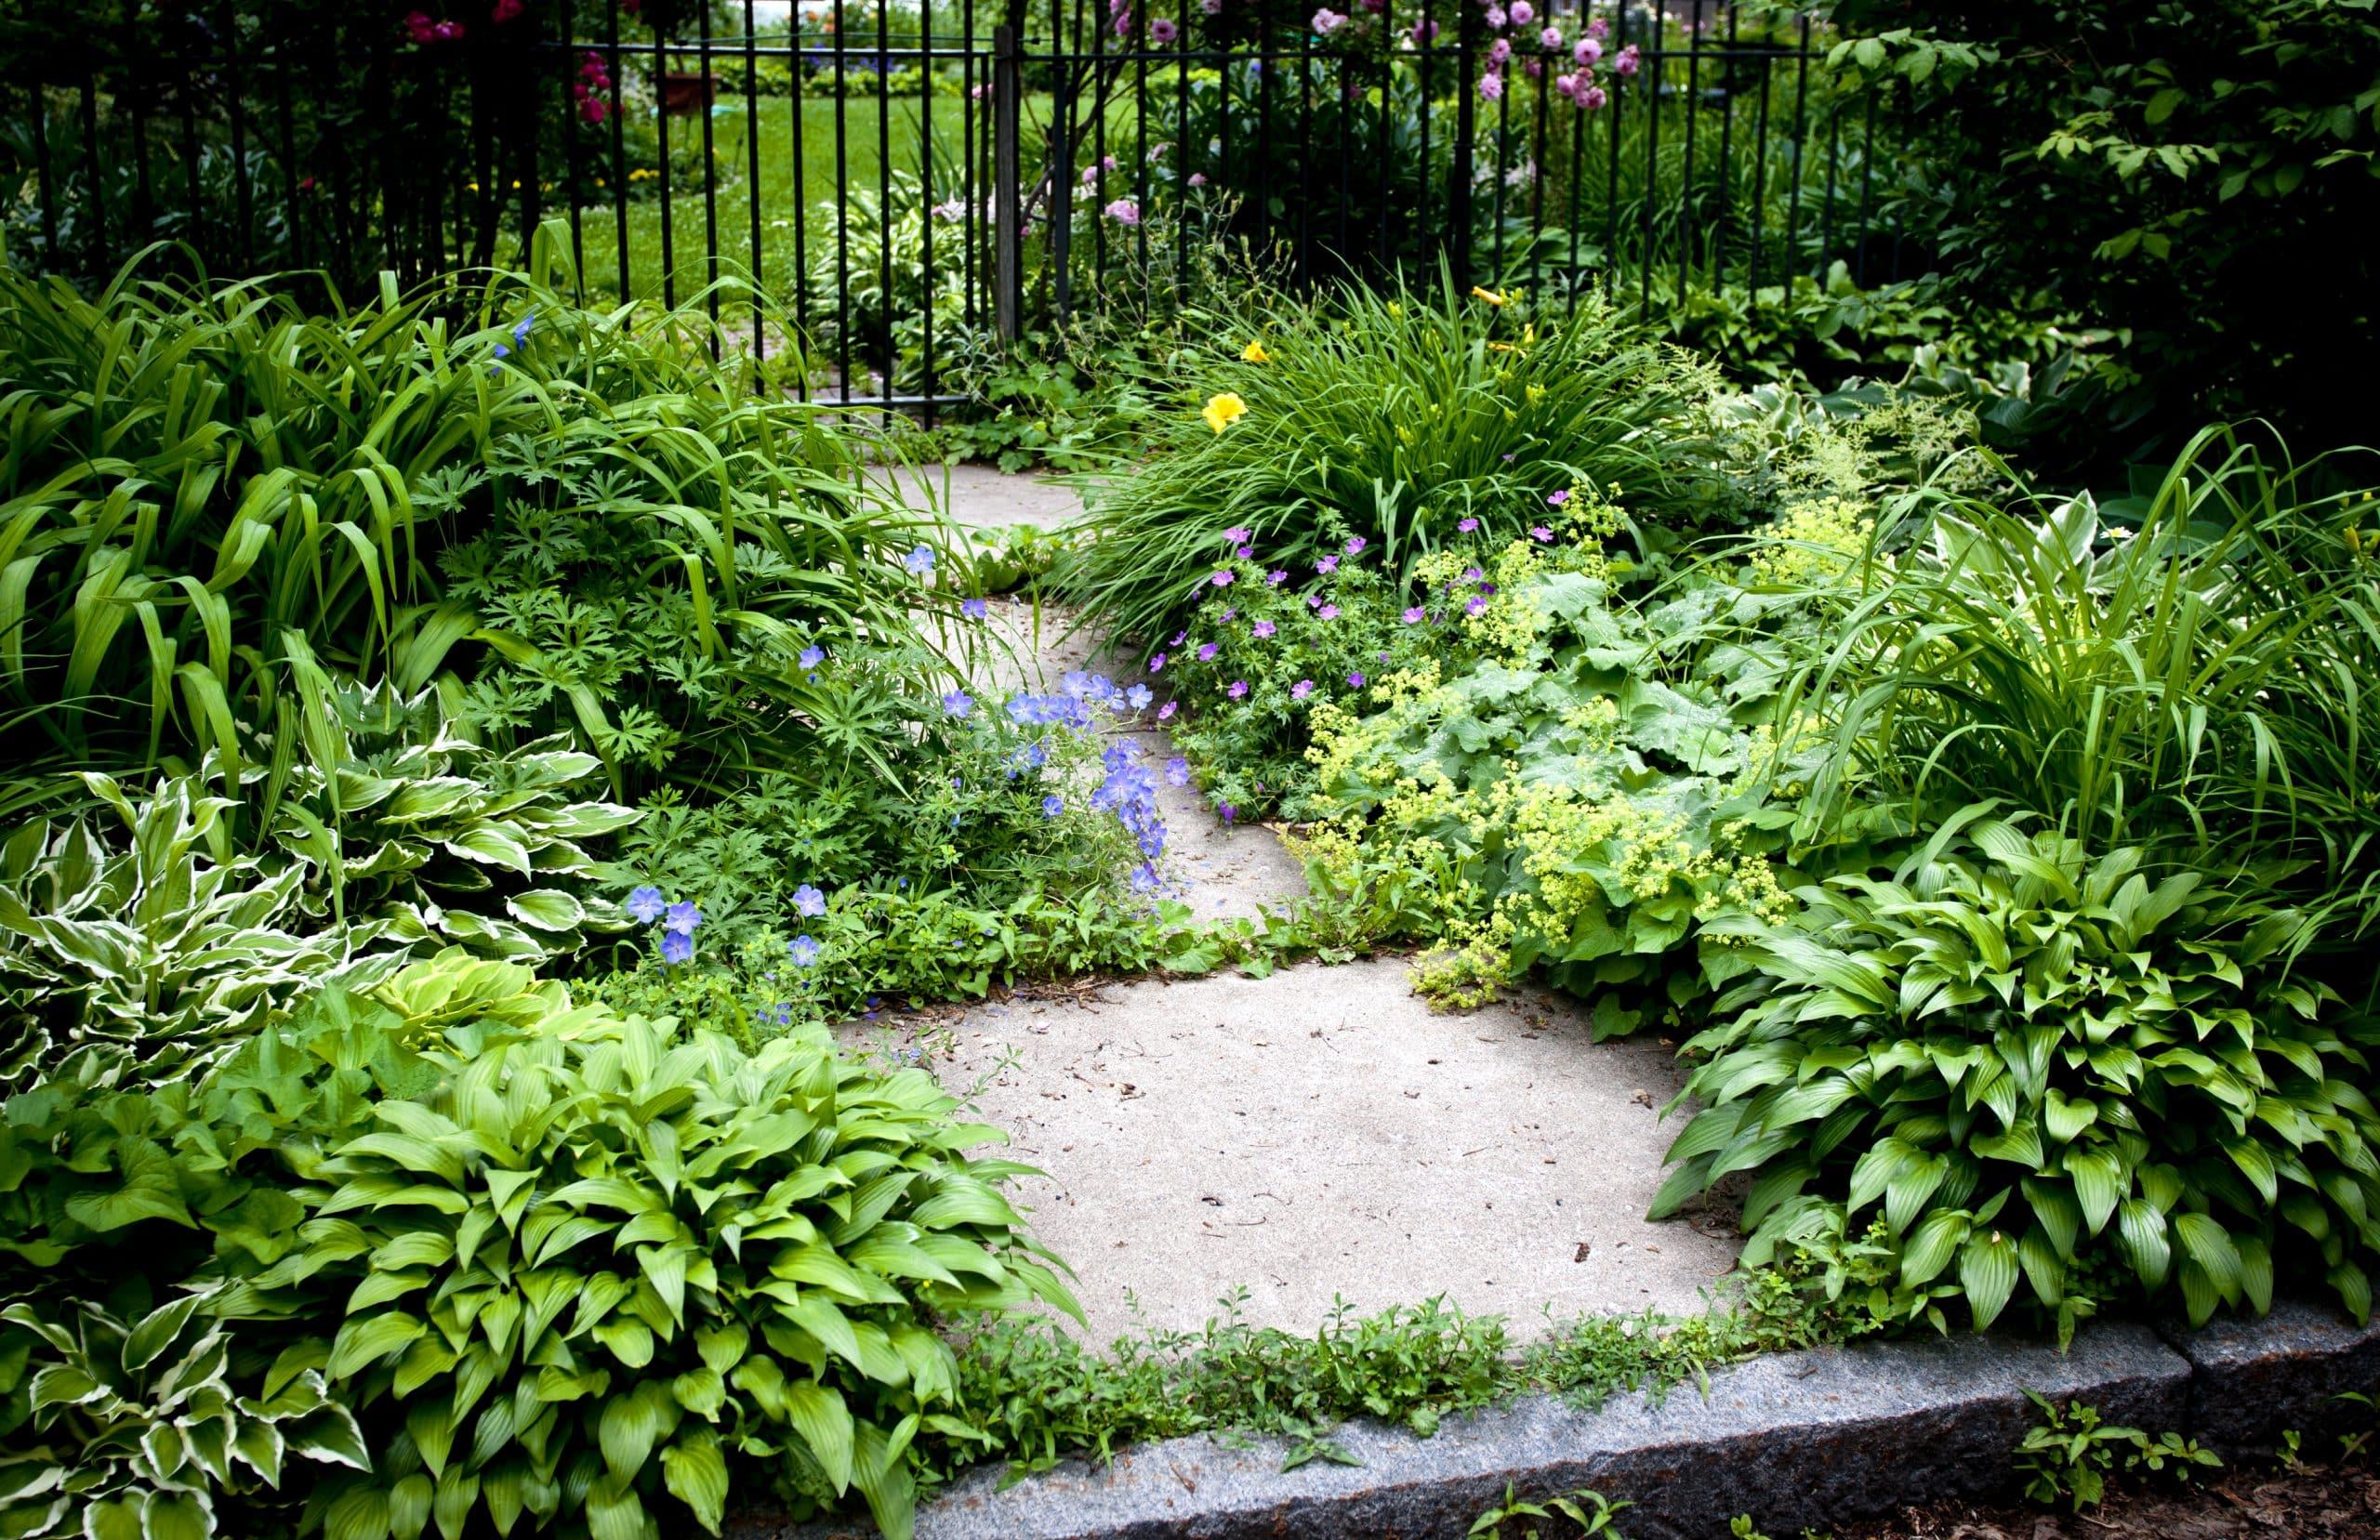 Types of concrete garden edging